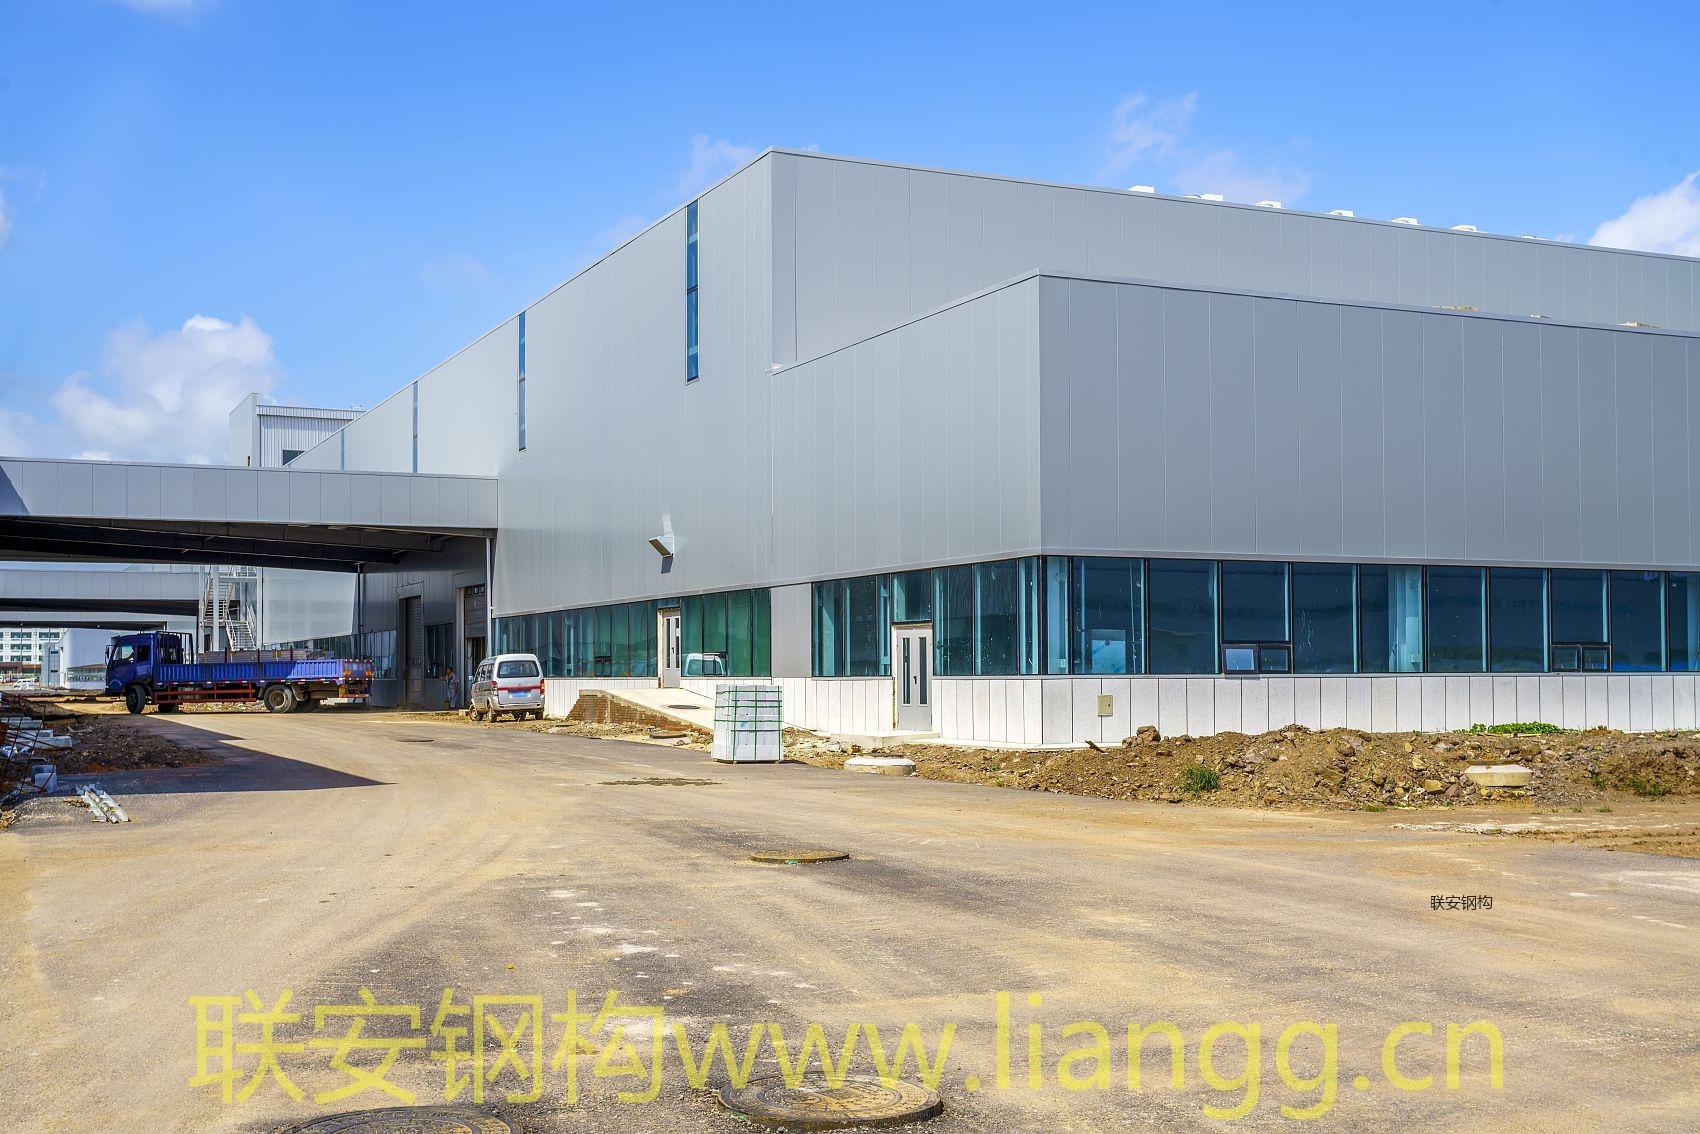 钢结构工程案例:新华都(福建)物流有限公司